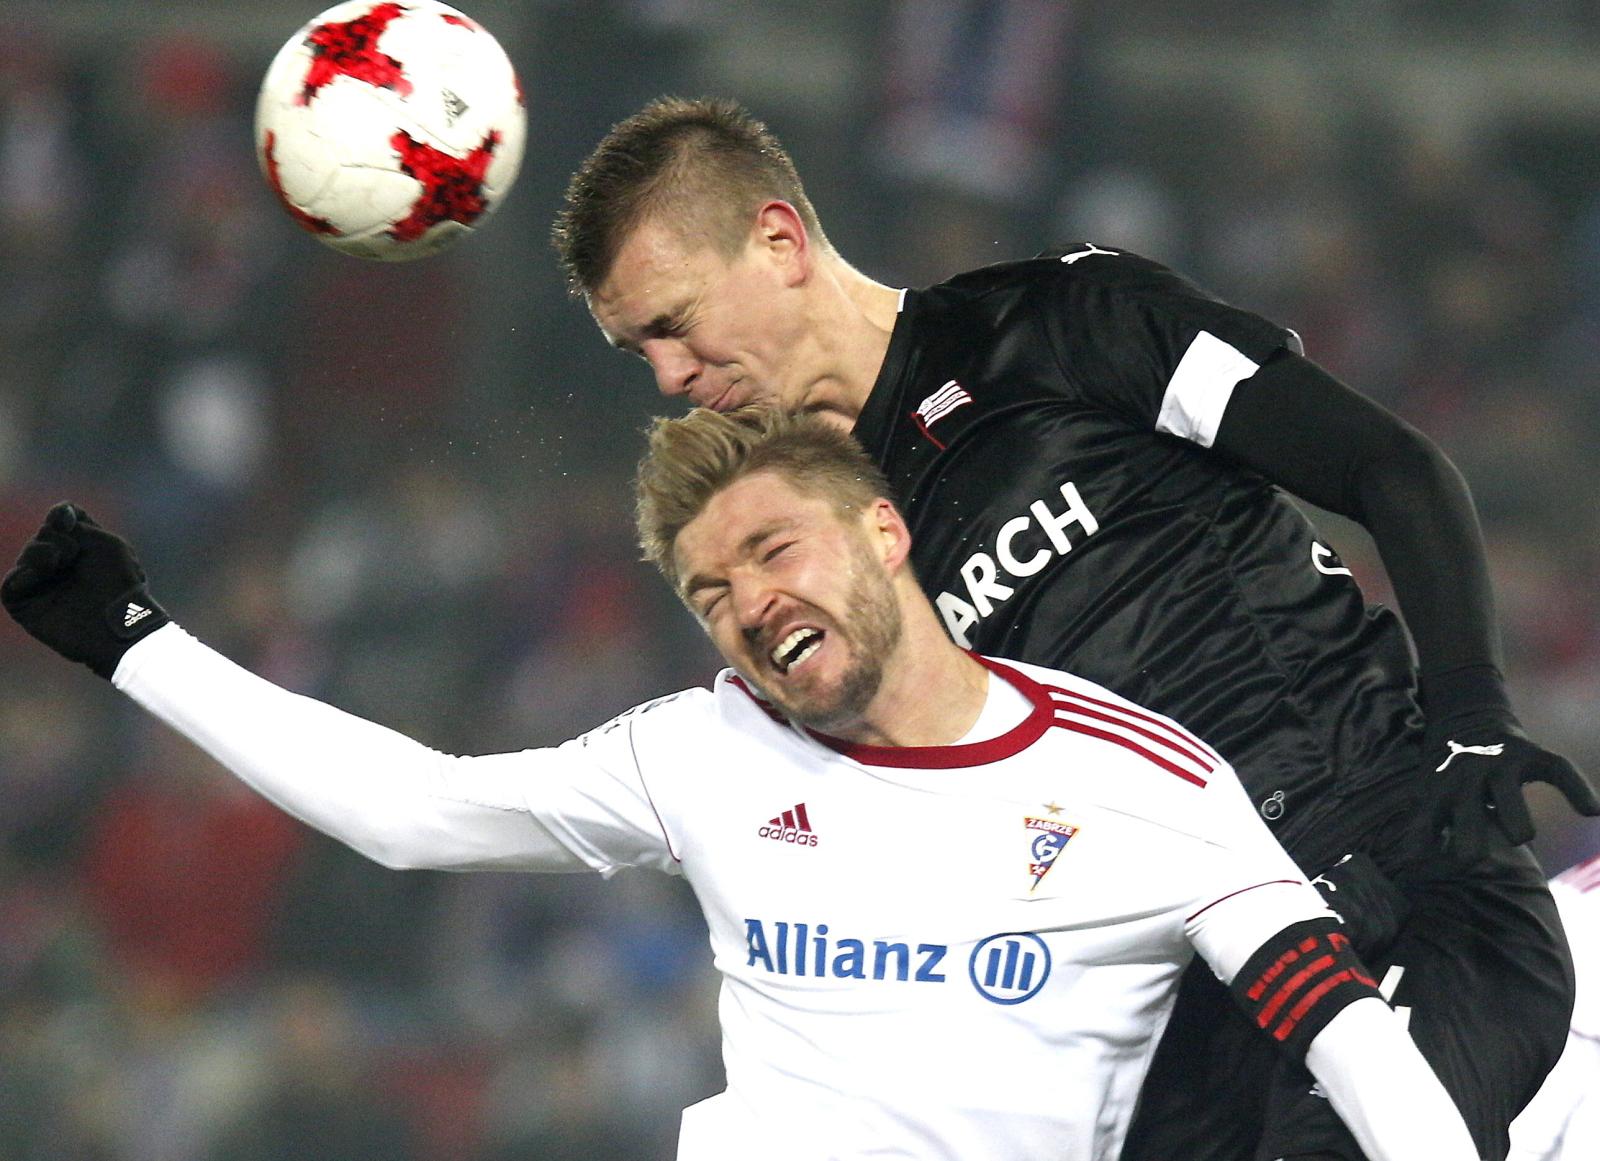 Ekstraklasa. Górnik Zabrze vs Cracovia. fot. PAP/Andrzej Grygiel